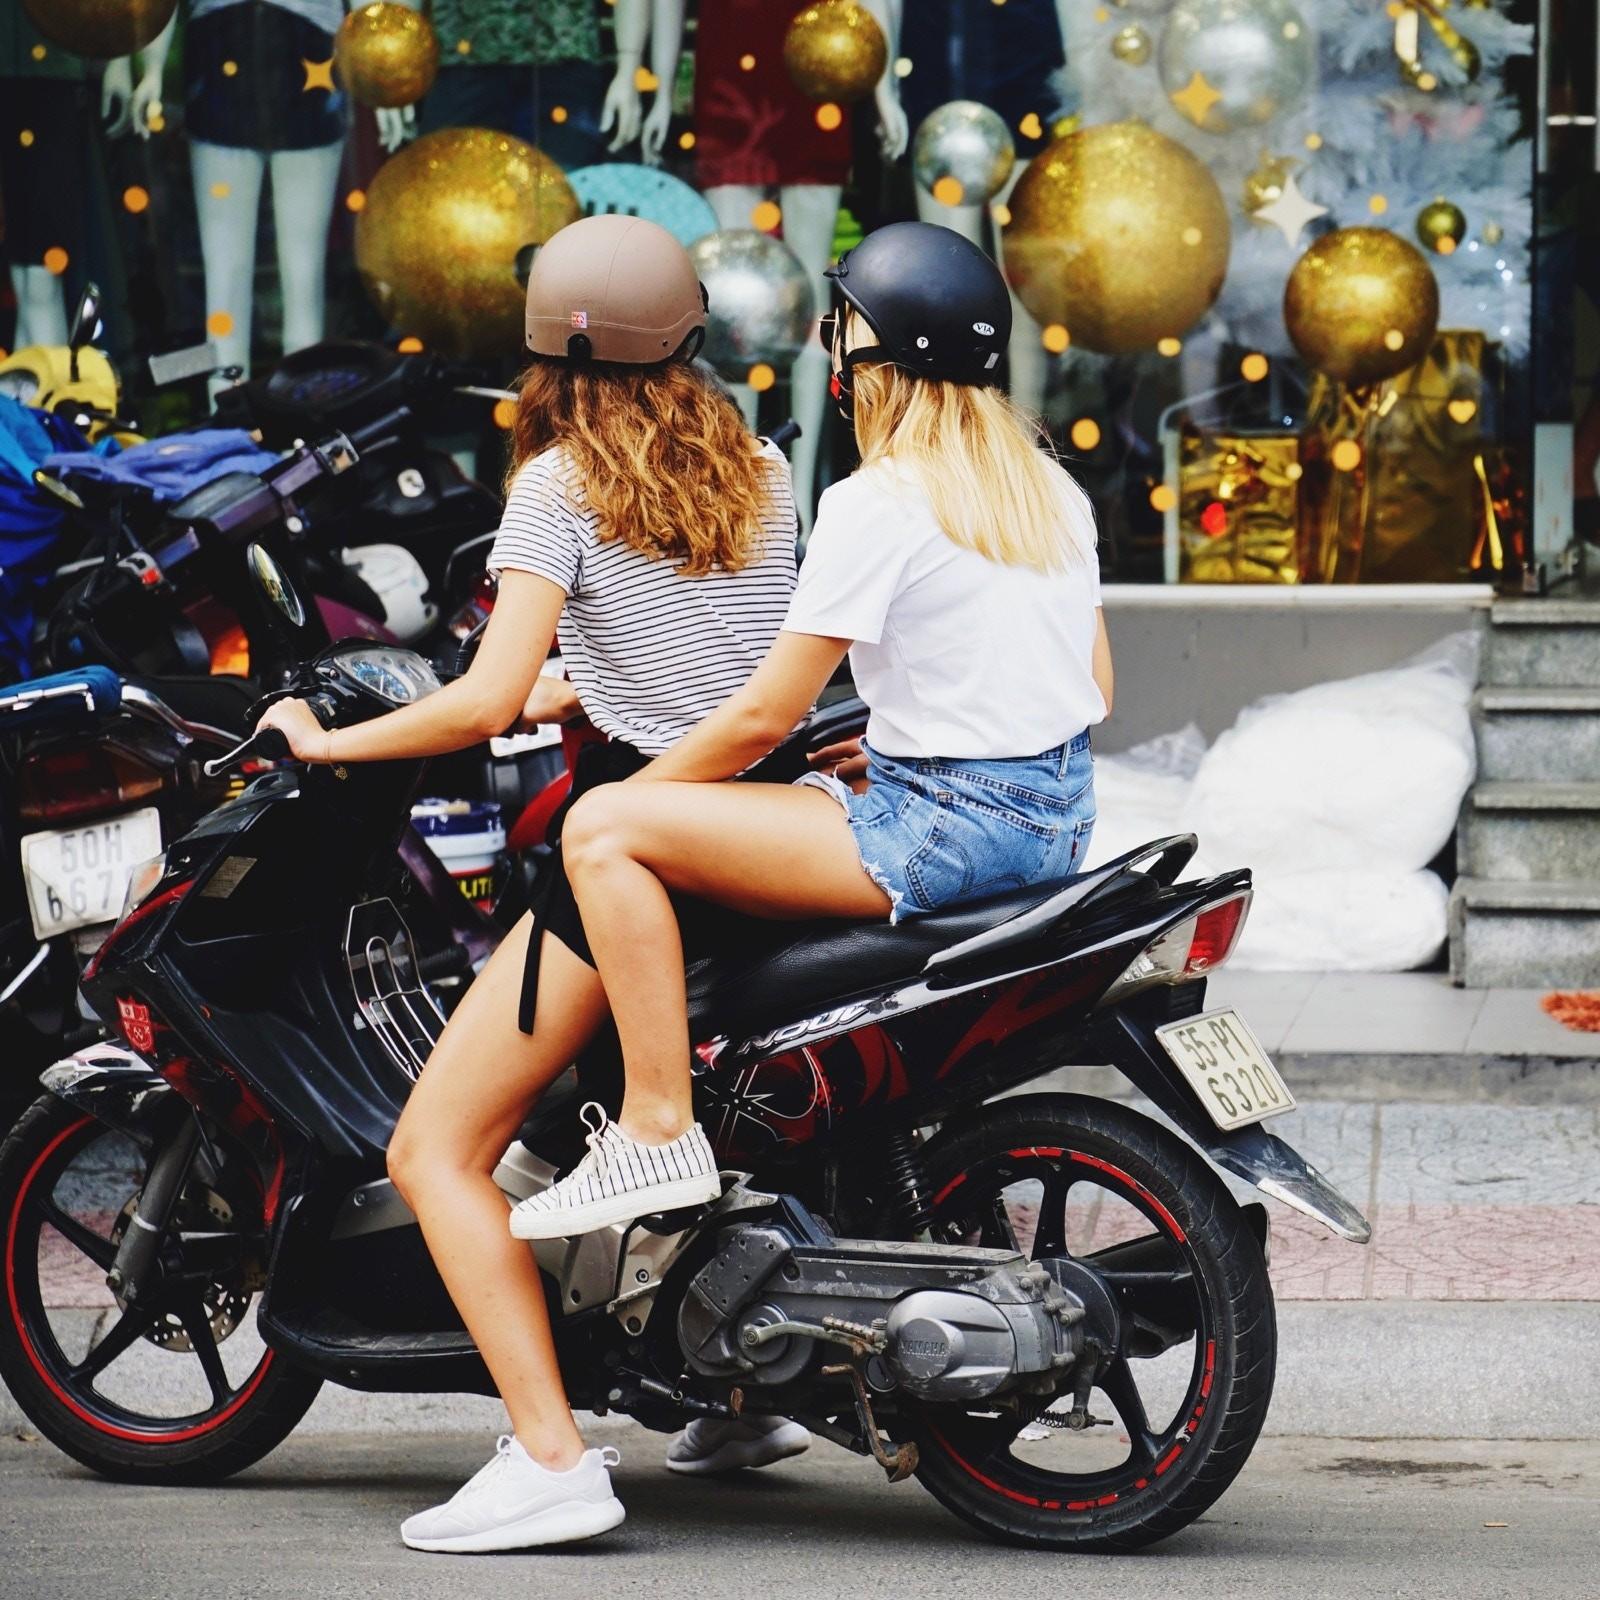 Moto rentals